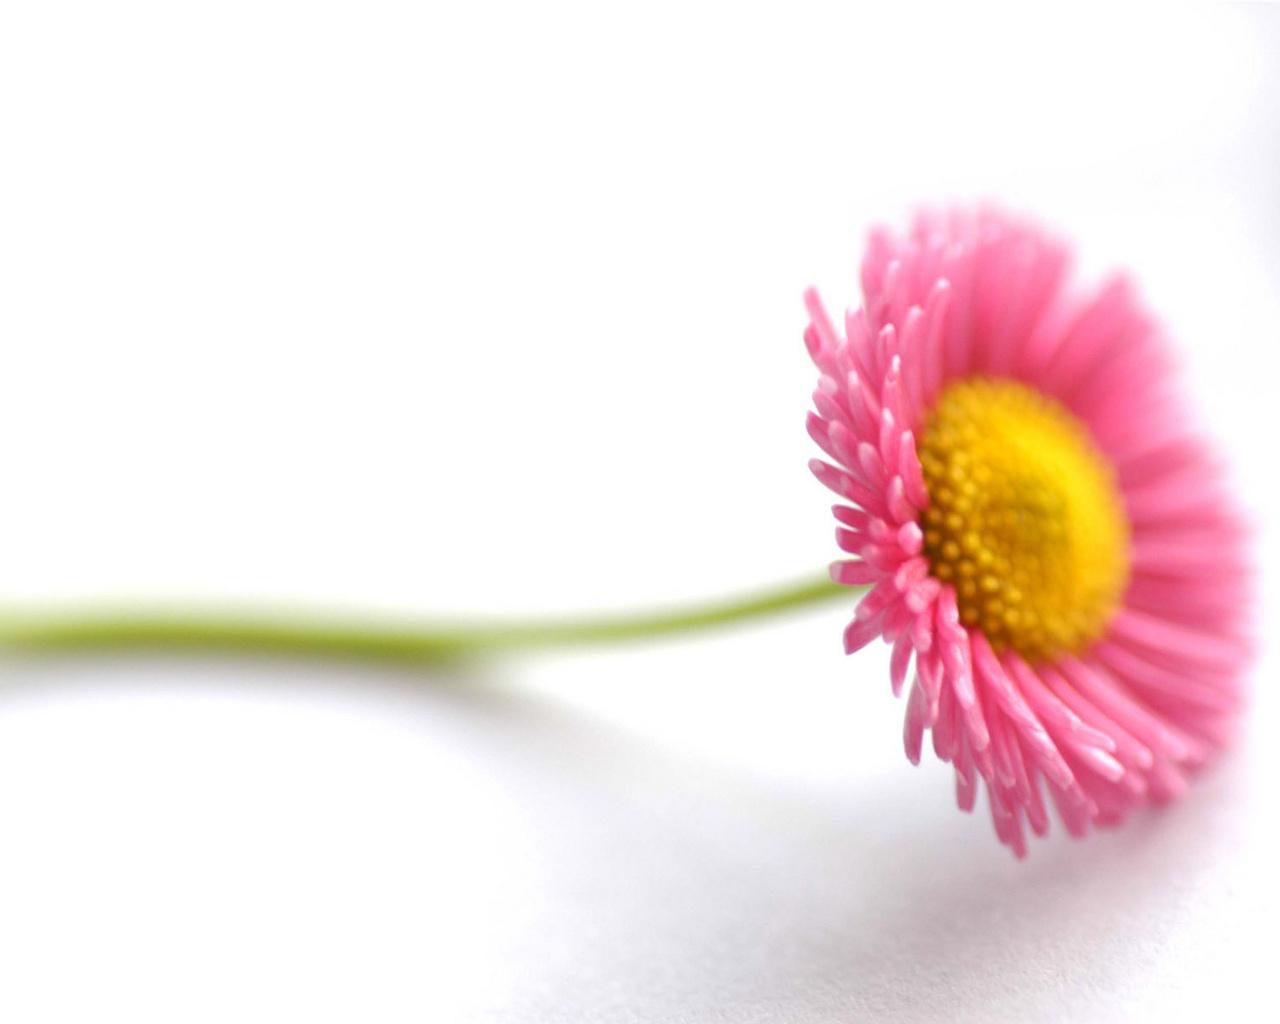 flowers for flower lovers.: Beautiful Flowers desktop ...